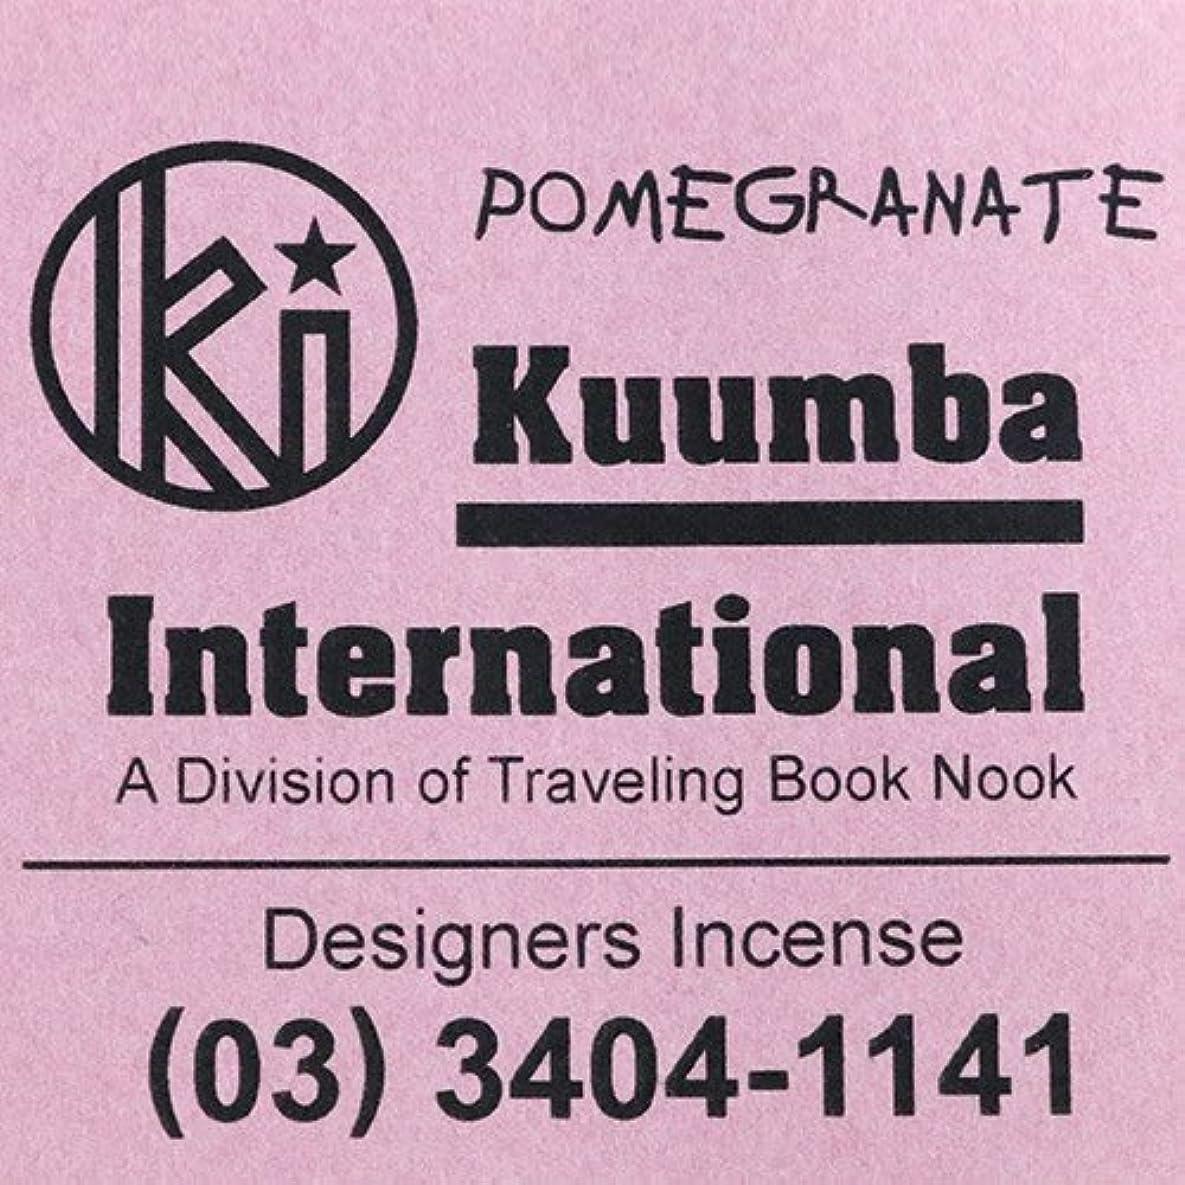 苦難第四標準(クンバ) KUUMBA『incense』(POMEGRANATE) (Regular size)